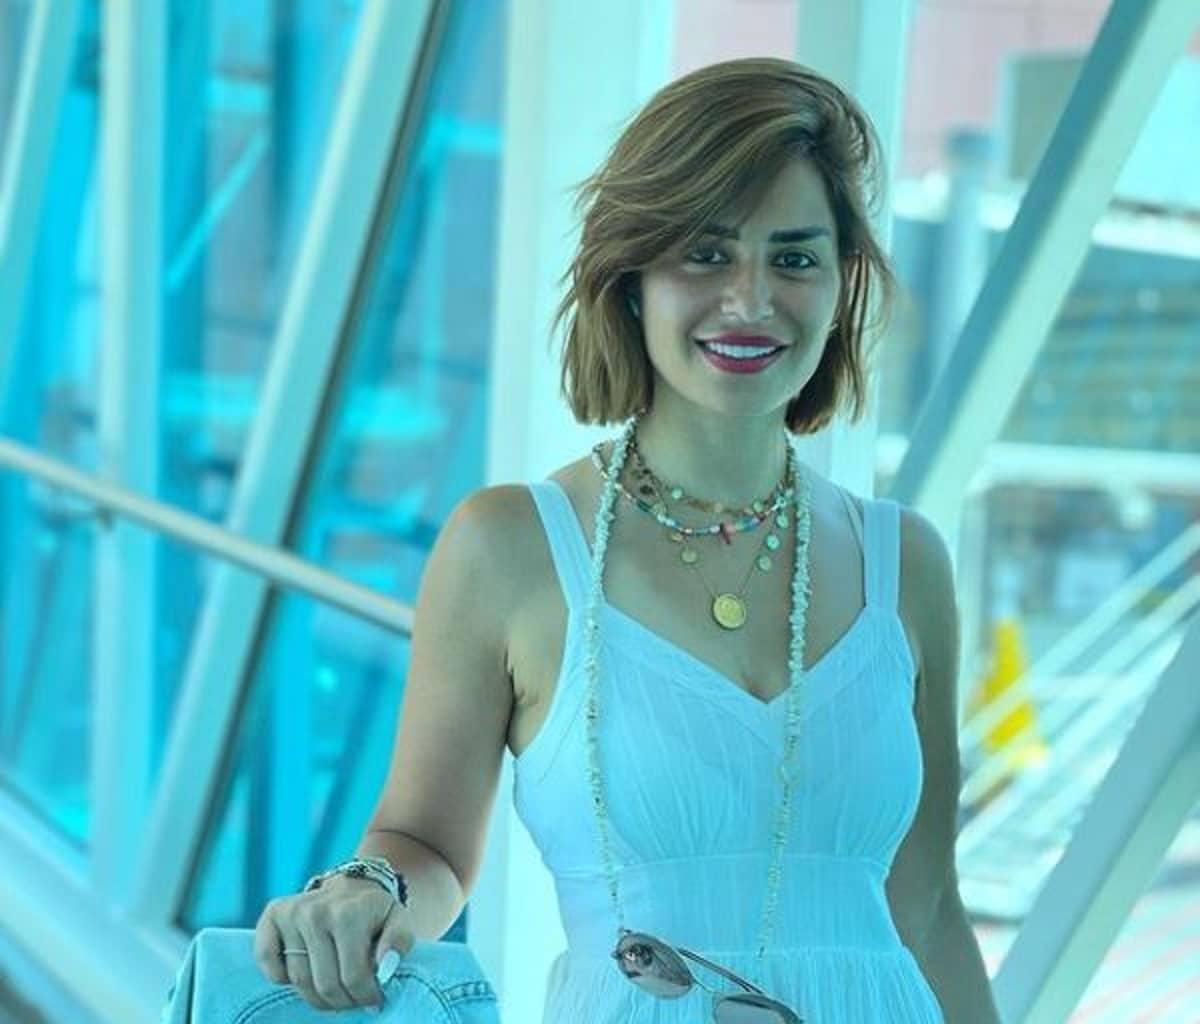 منة فضالي ترتدي مايوه احتفالاً بحصولها على الإقامة الذهبية في دبي!